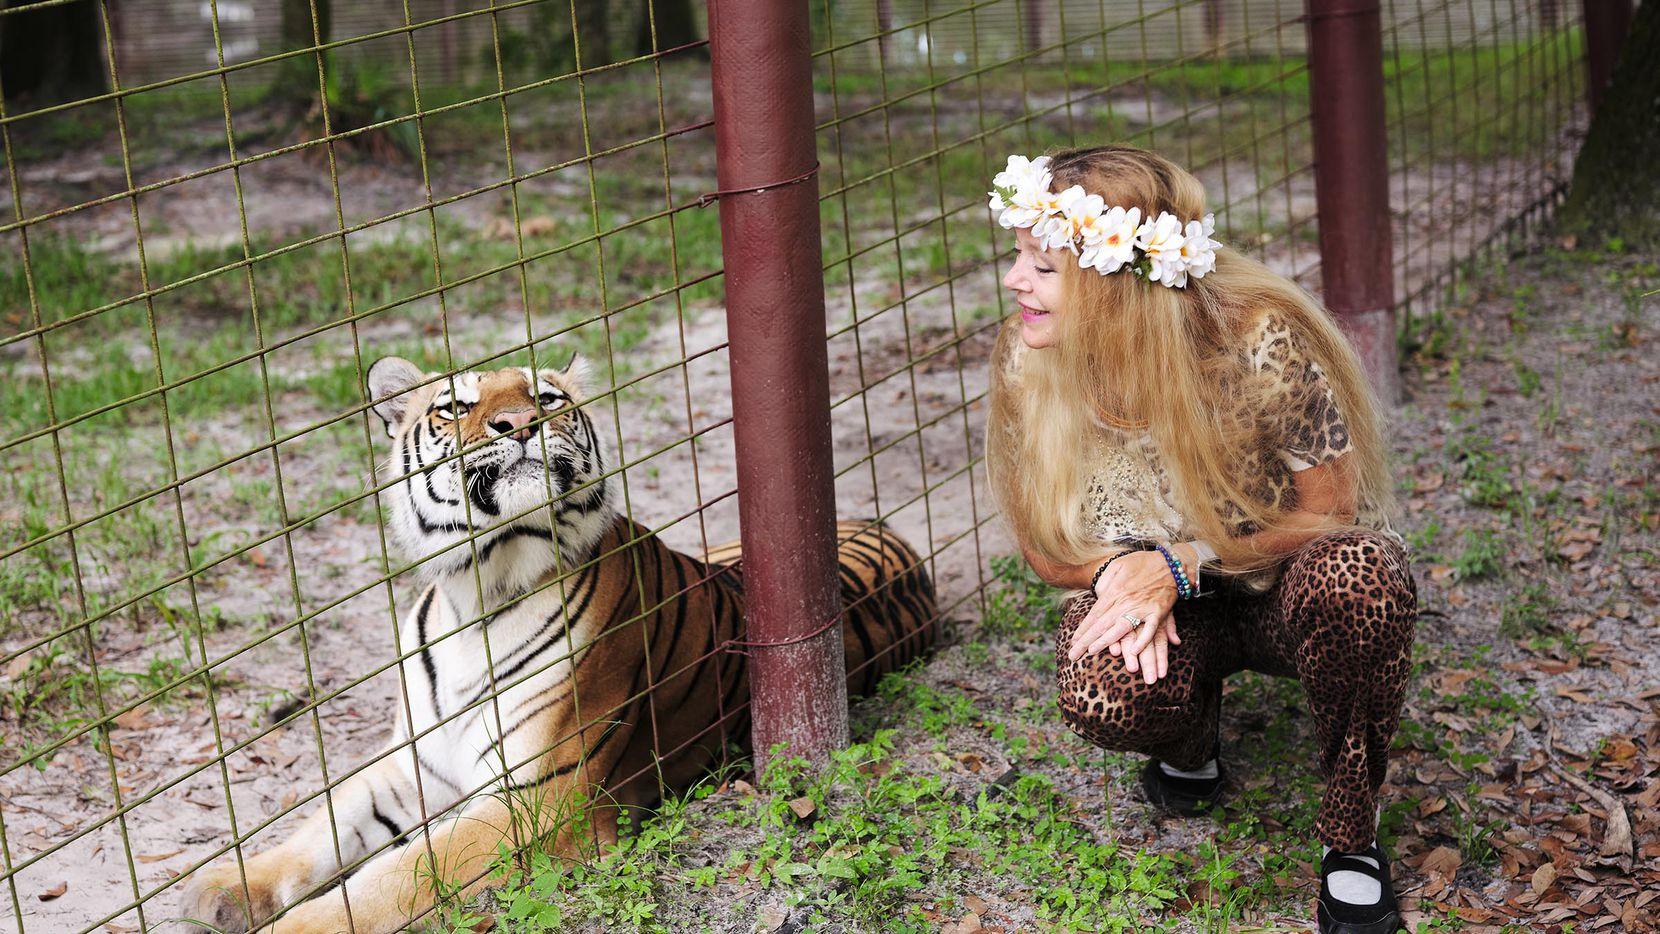 Carole Baskin junto a un tigre en su santuario de animales exóticos Big Cat Rescue en Tampa, Florida.